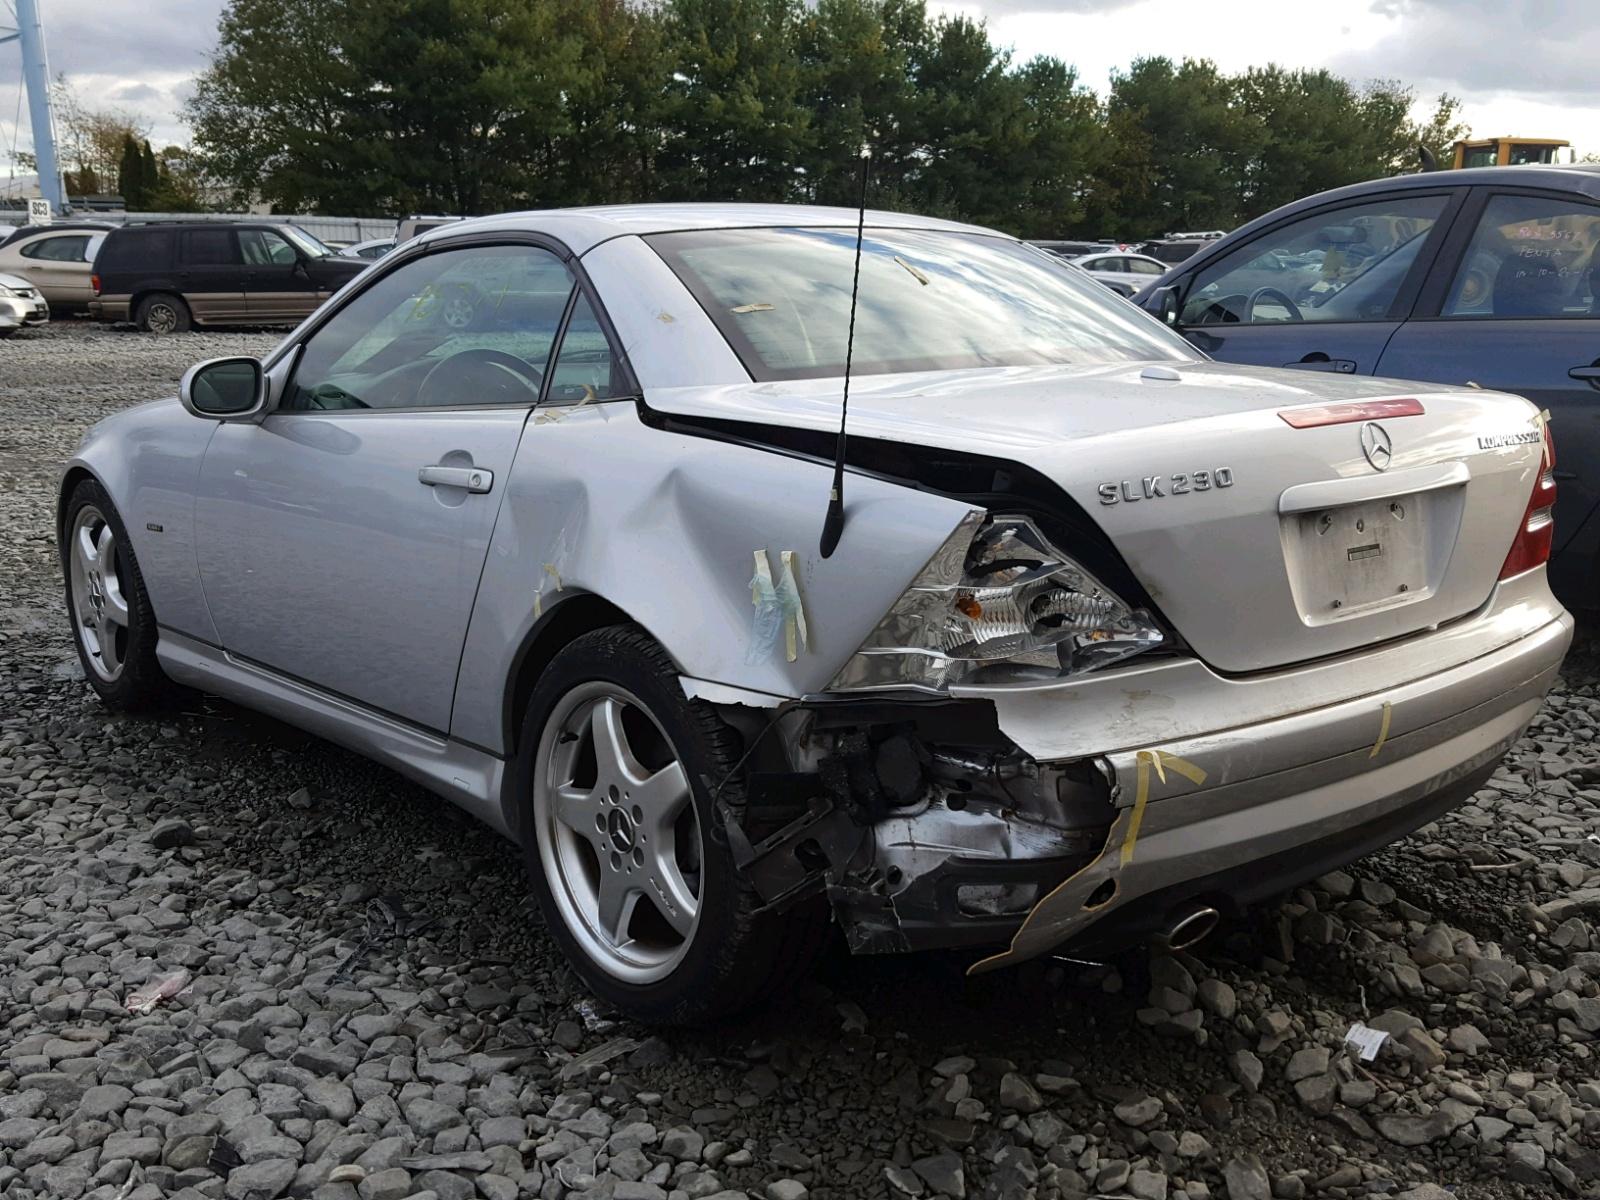 2003 Mercedes-Benz Slk 230 Ko 2.3L 4 in NJ - Trenton ...